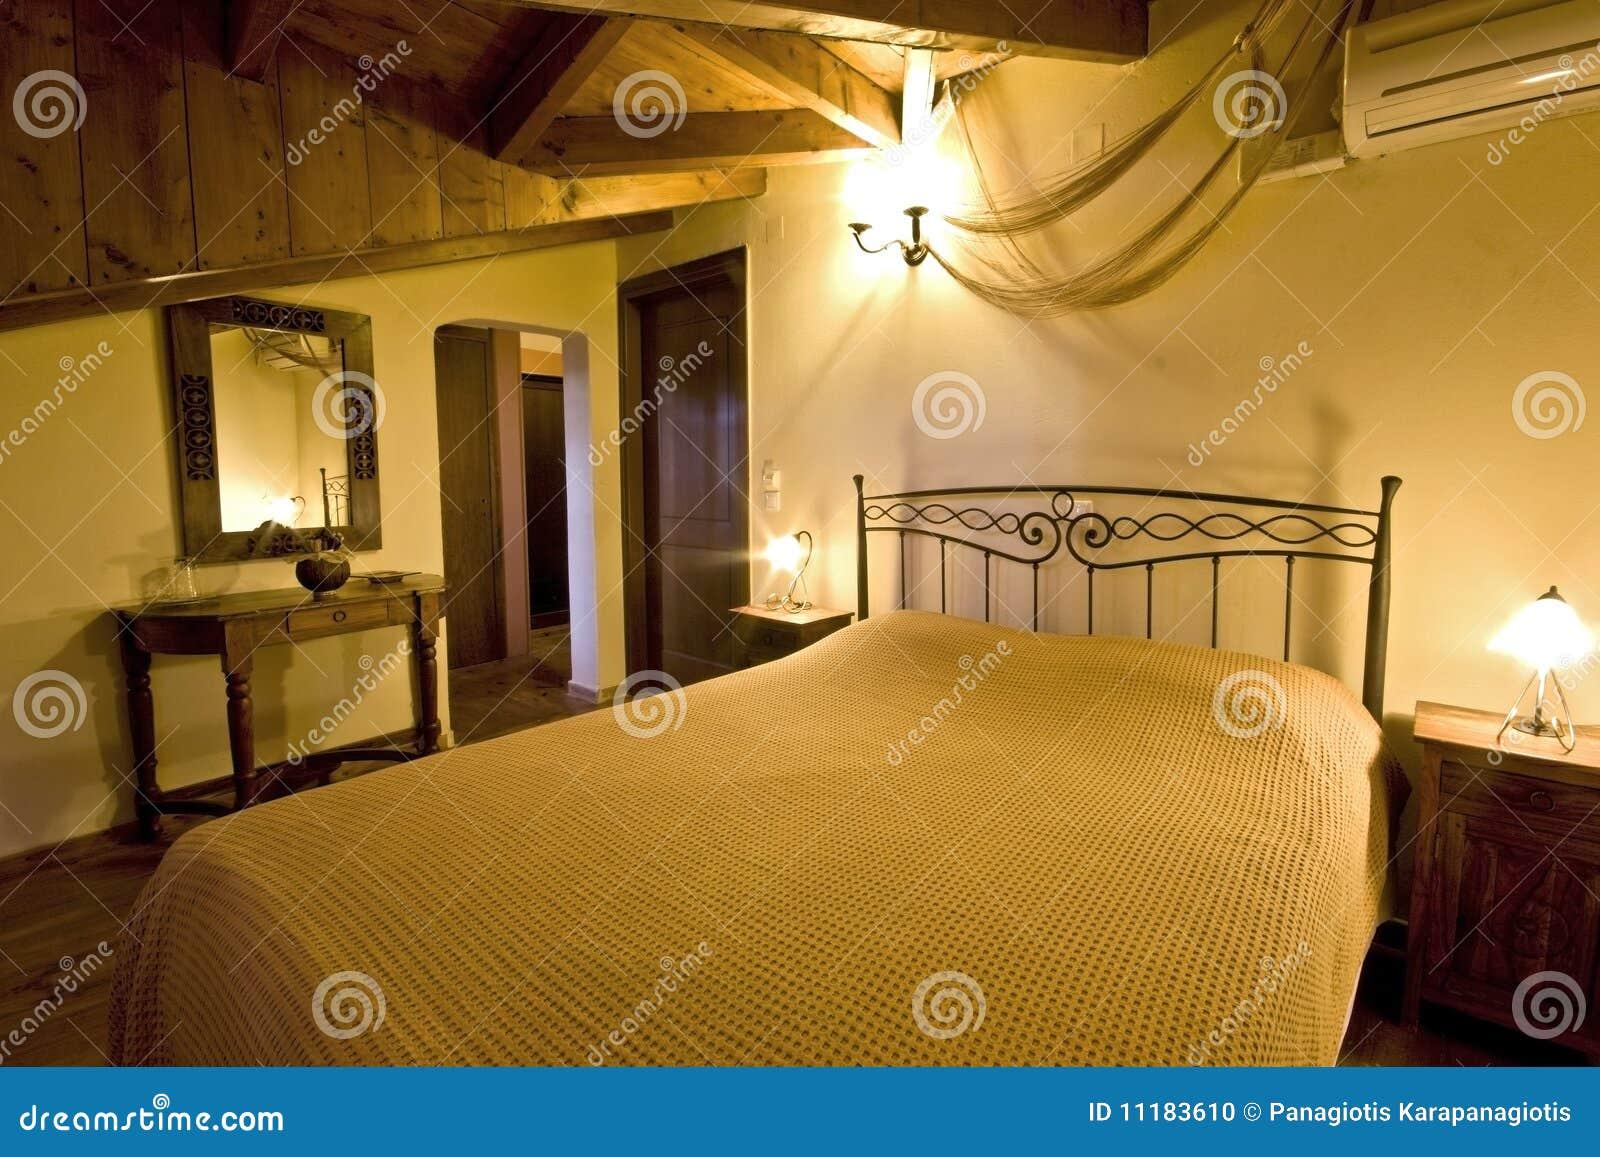 Camere Da Letto Tradizionali : Camera da letto greca tradizionale della casa fotografia stock